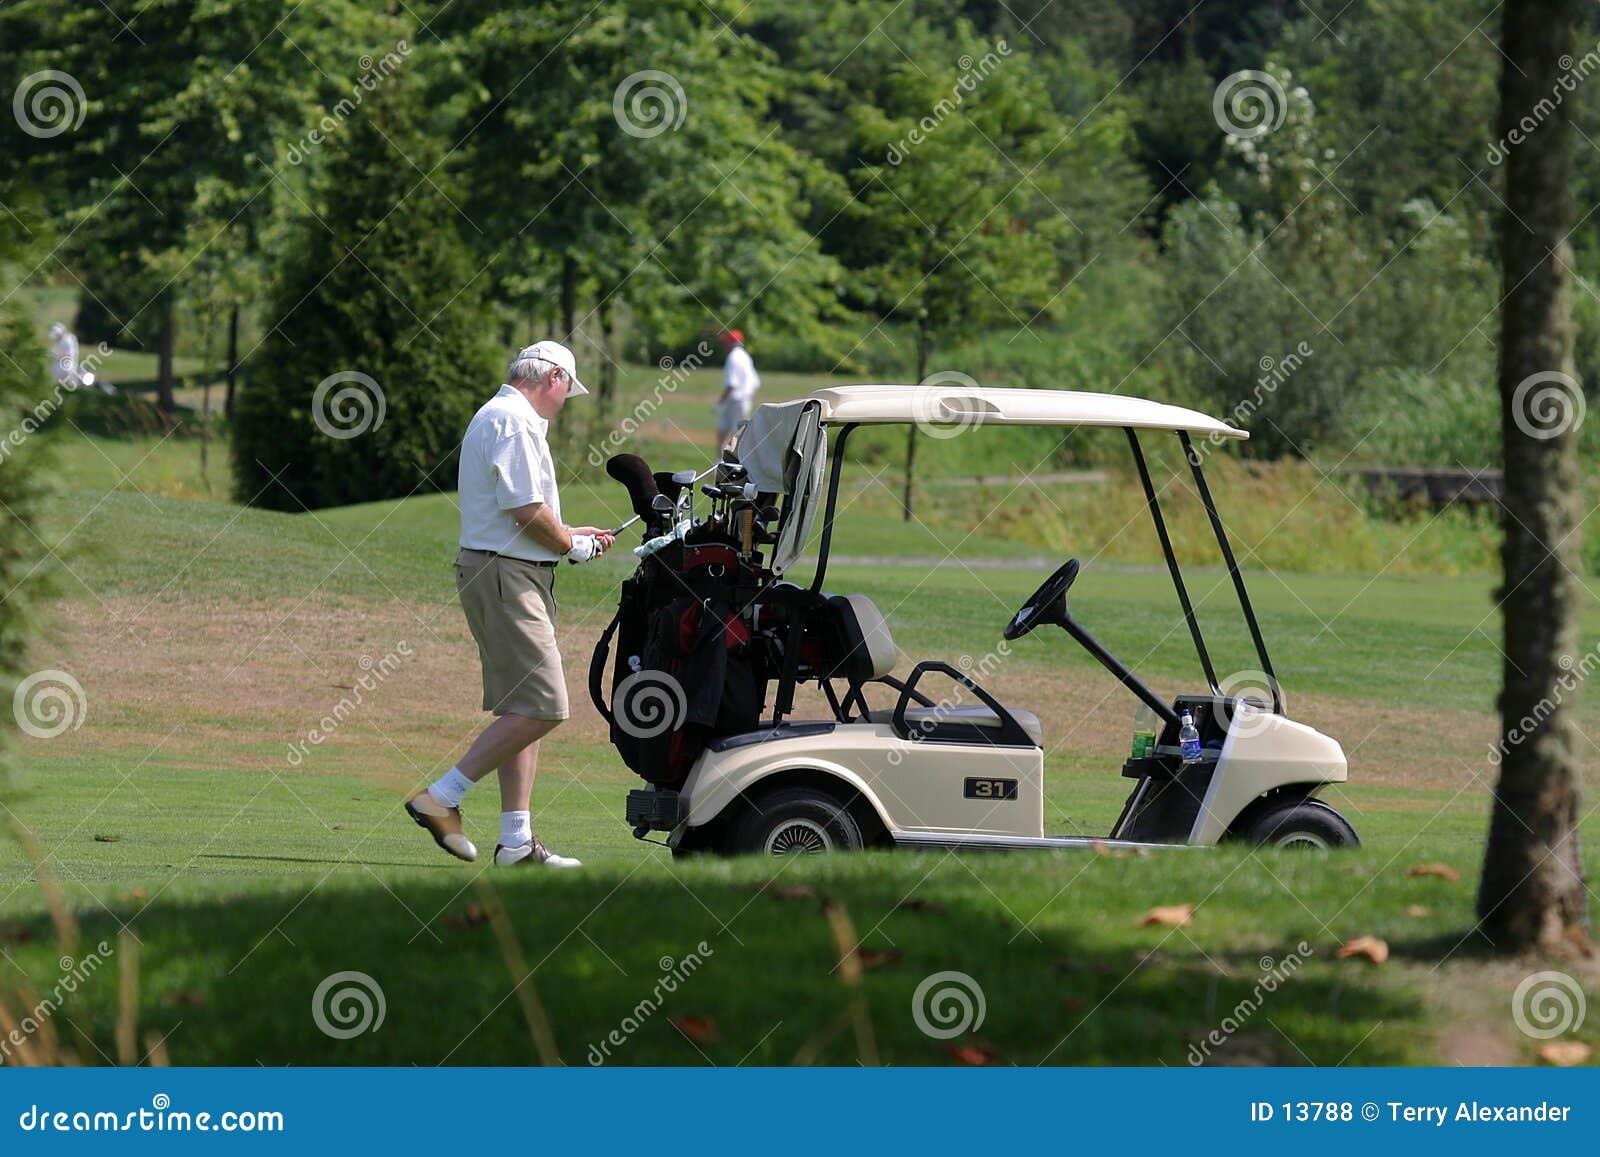 Prawdziwy golfiarz golf cart